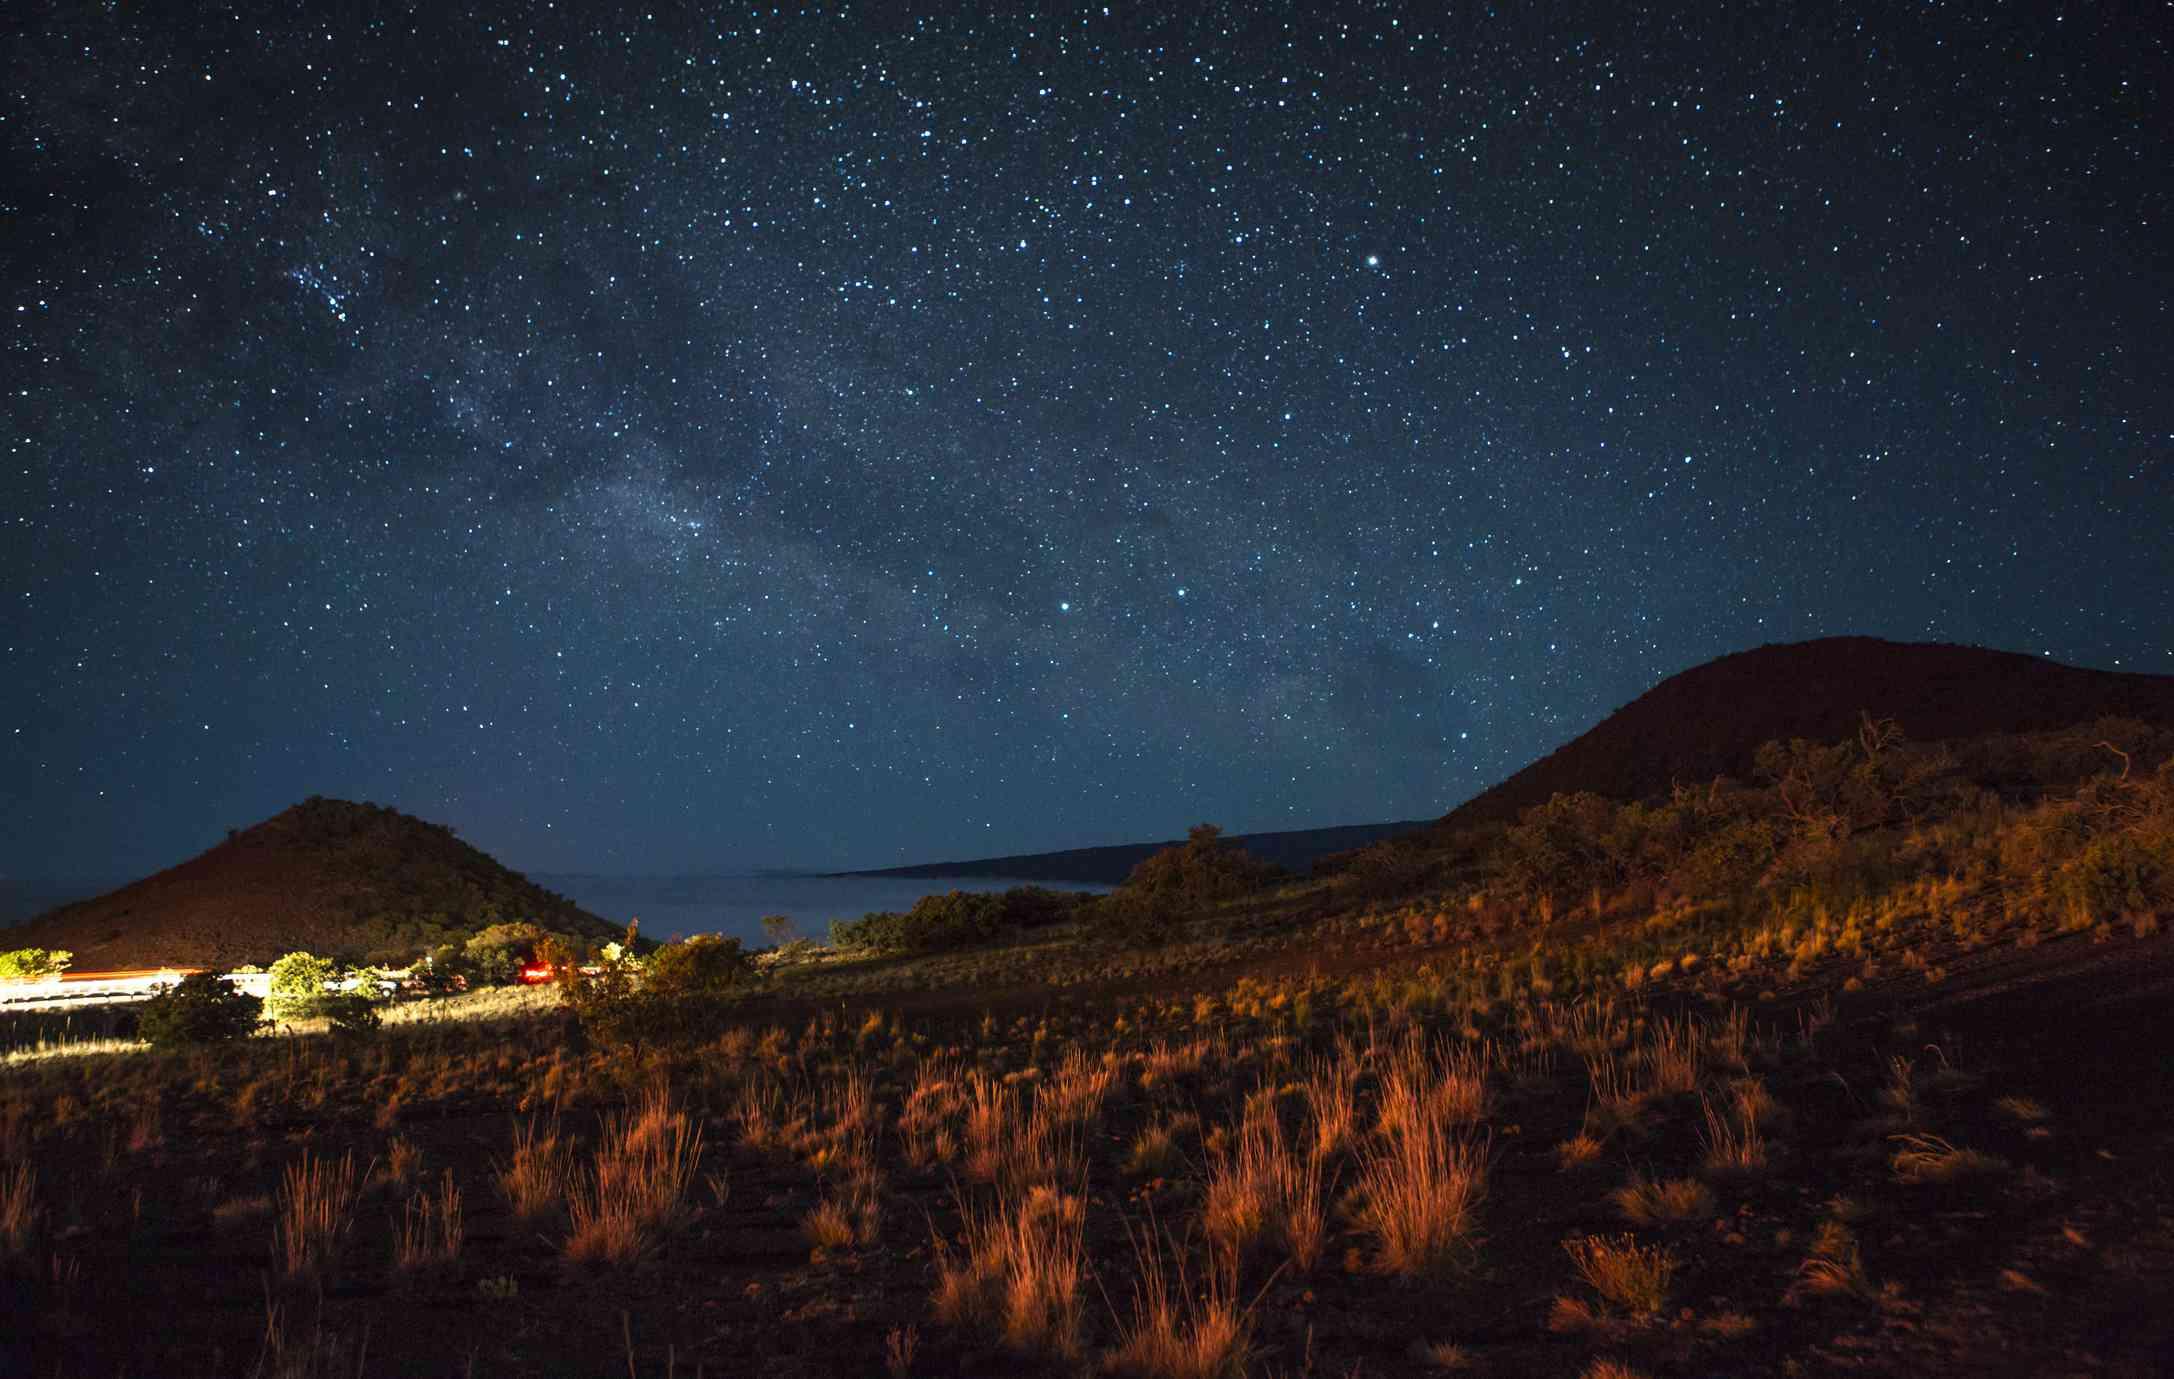 Stargazing on Mauna Kea on the Big Island of Hawaii